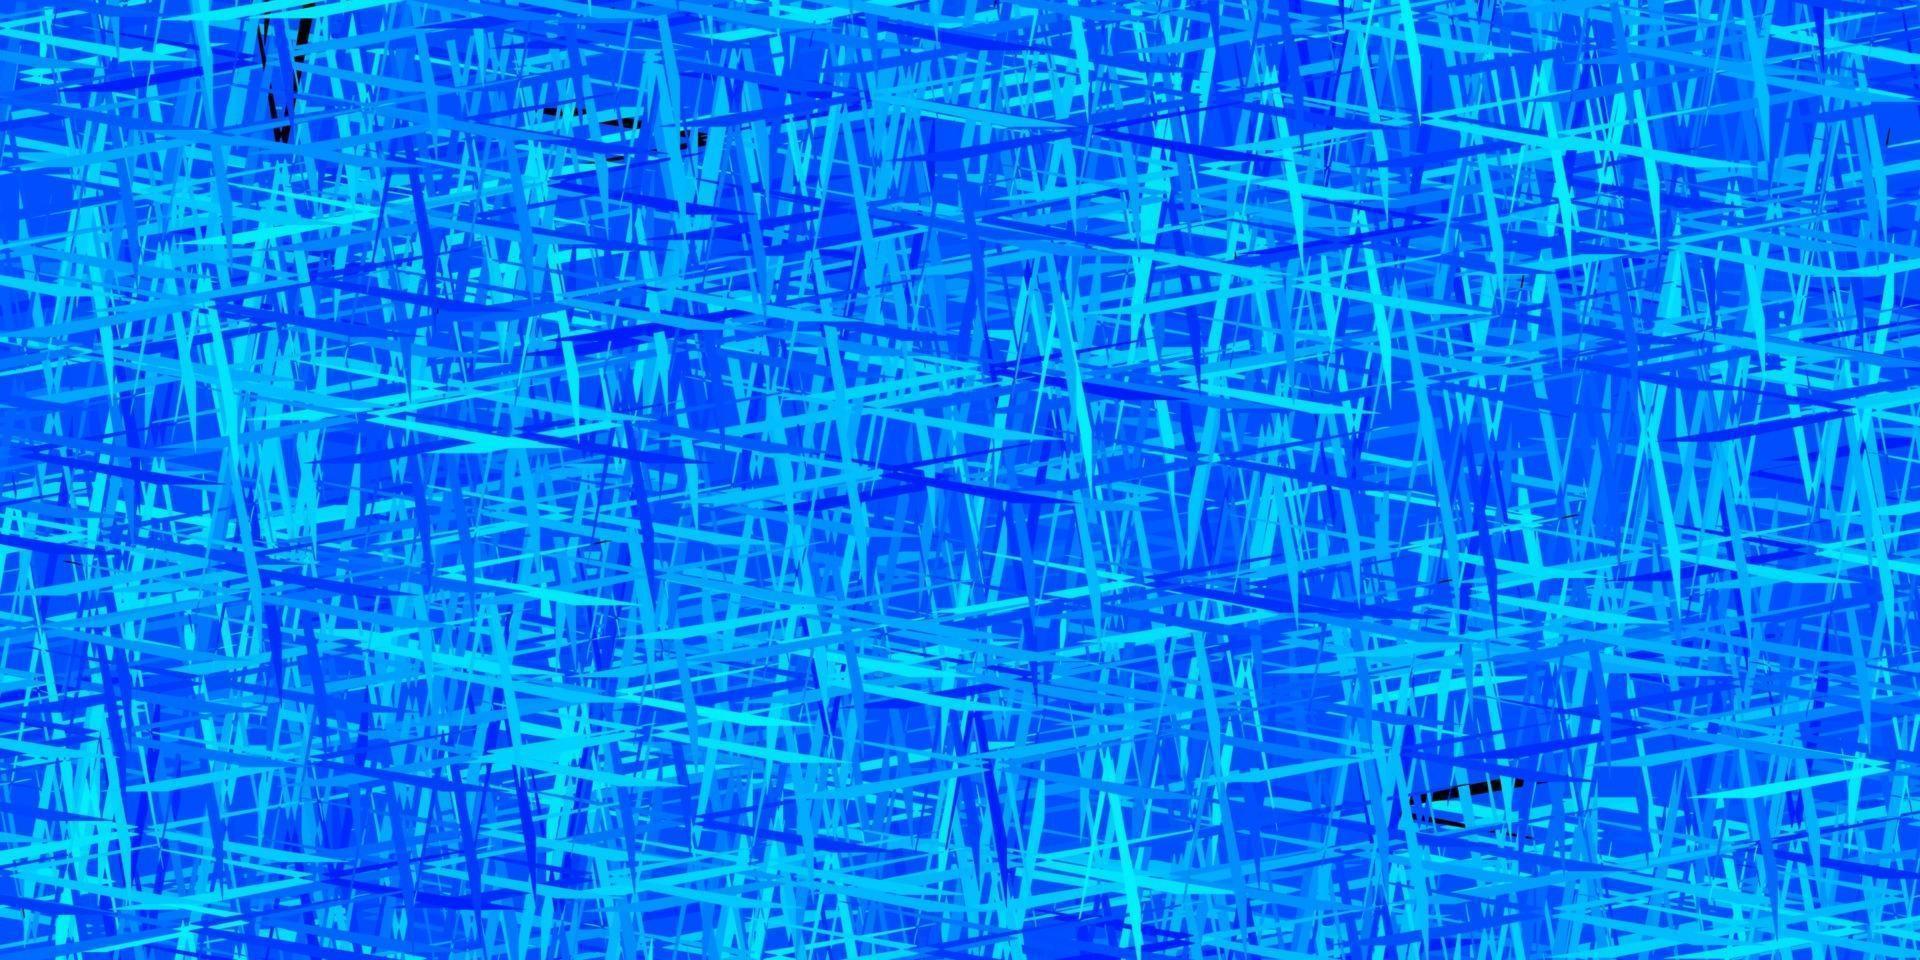 struttura di vettore blu scuro, rosso con linee colorate.